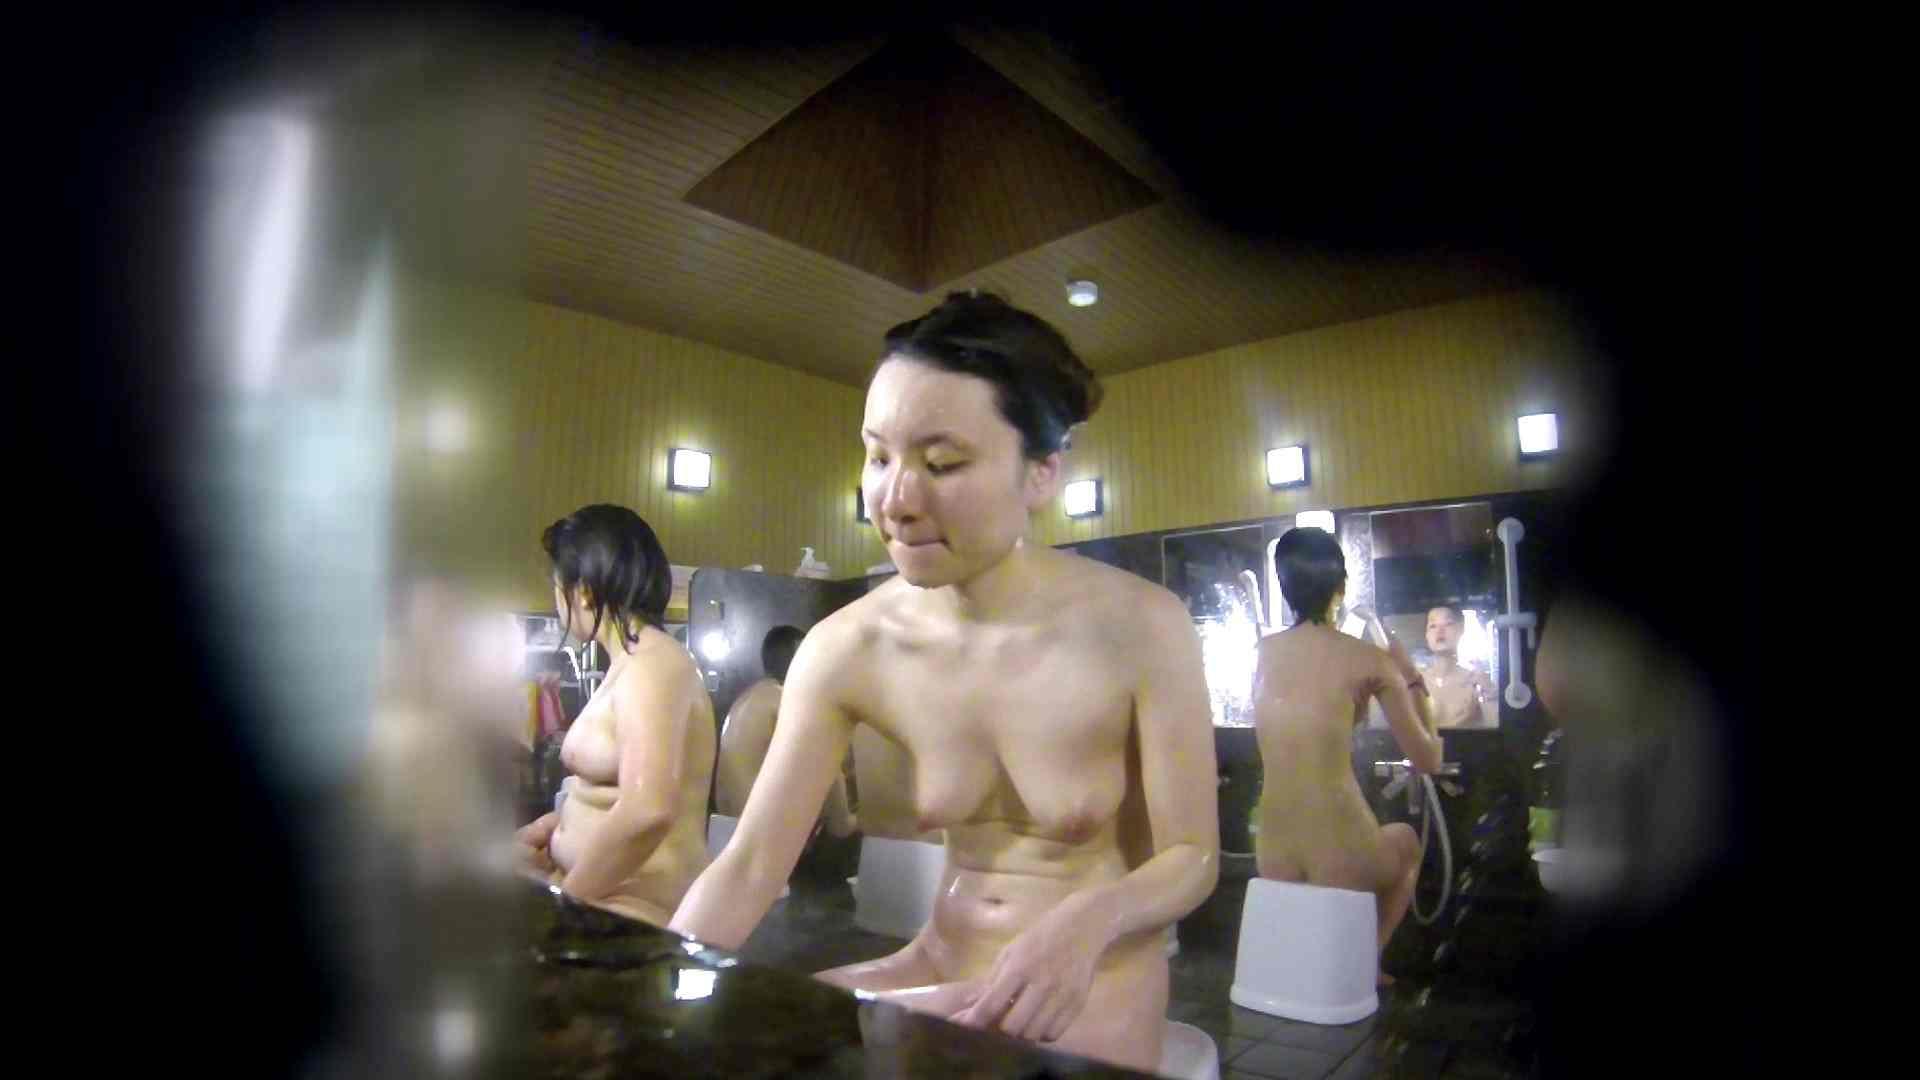 無修正エロ動画 洗い場!アソコの毛辺の手入れで妄想が膨らみました。 怪盗ジョーカー